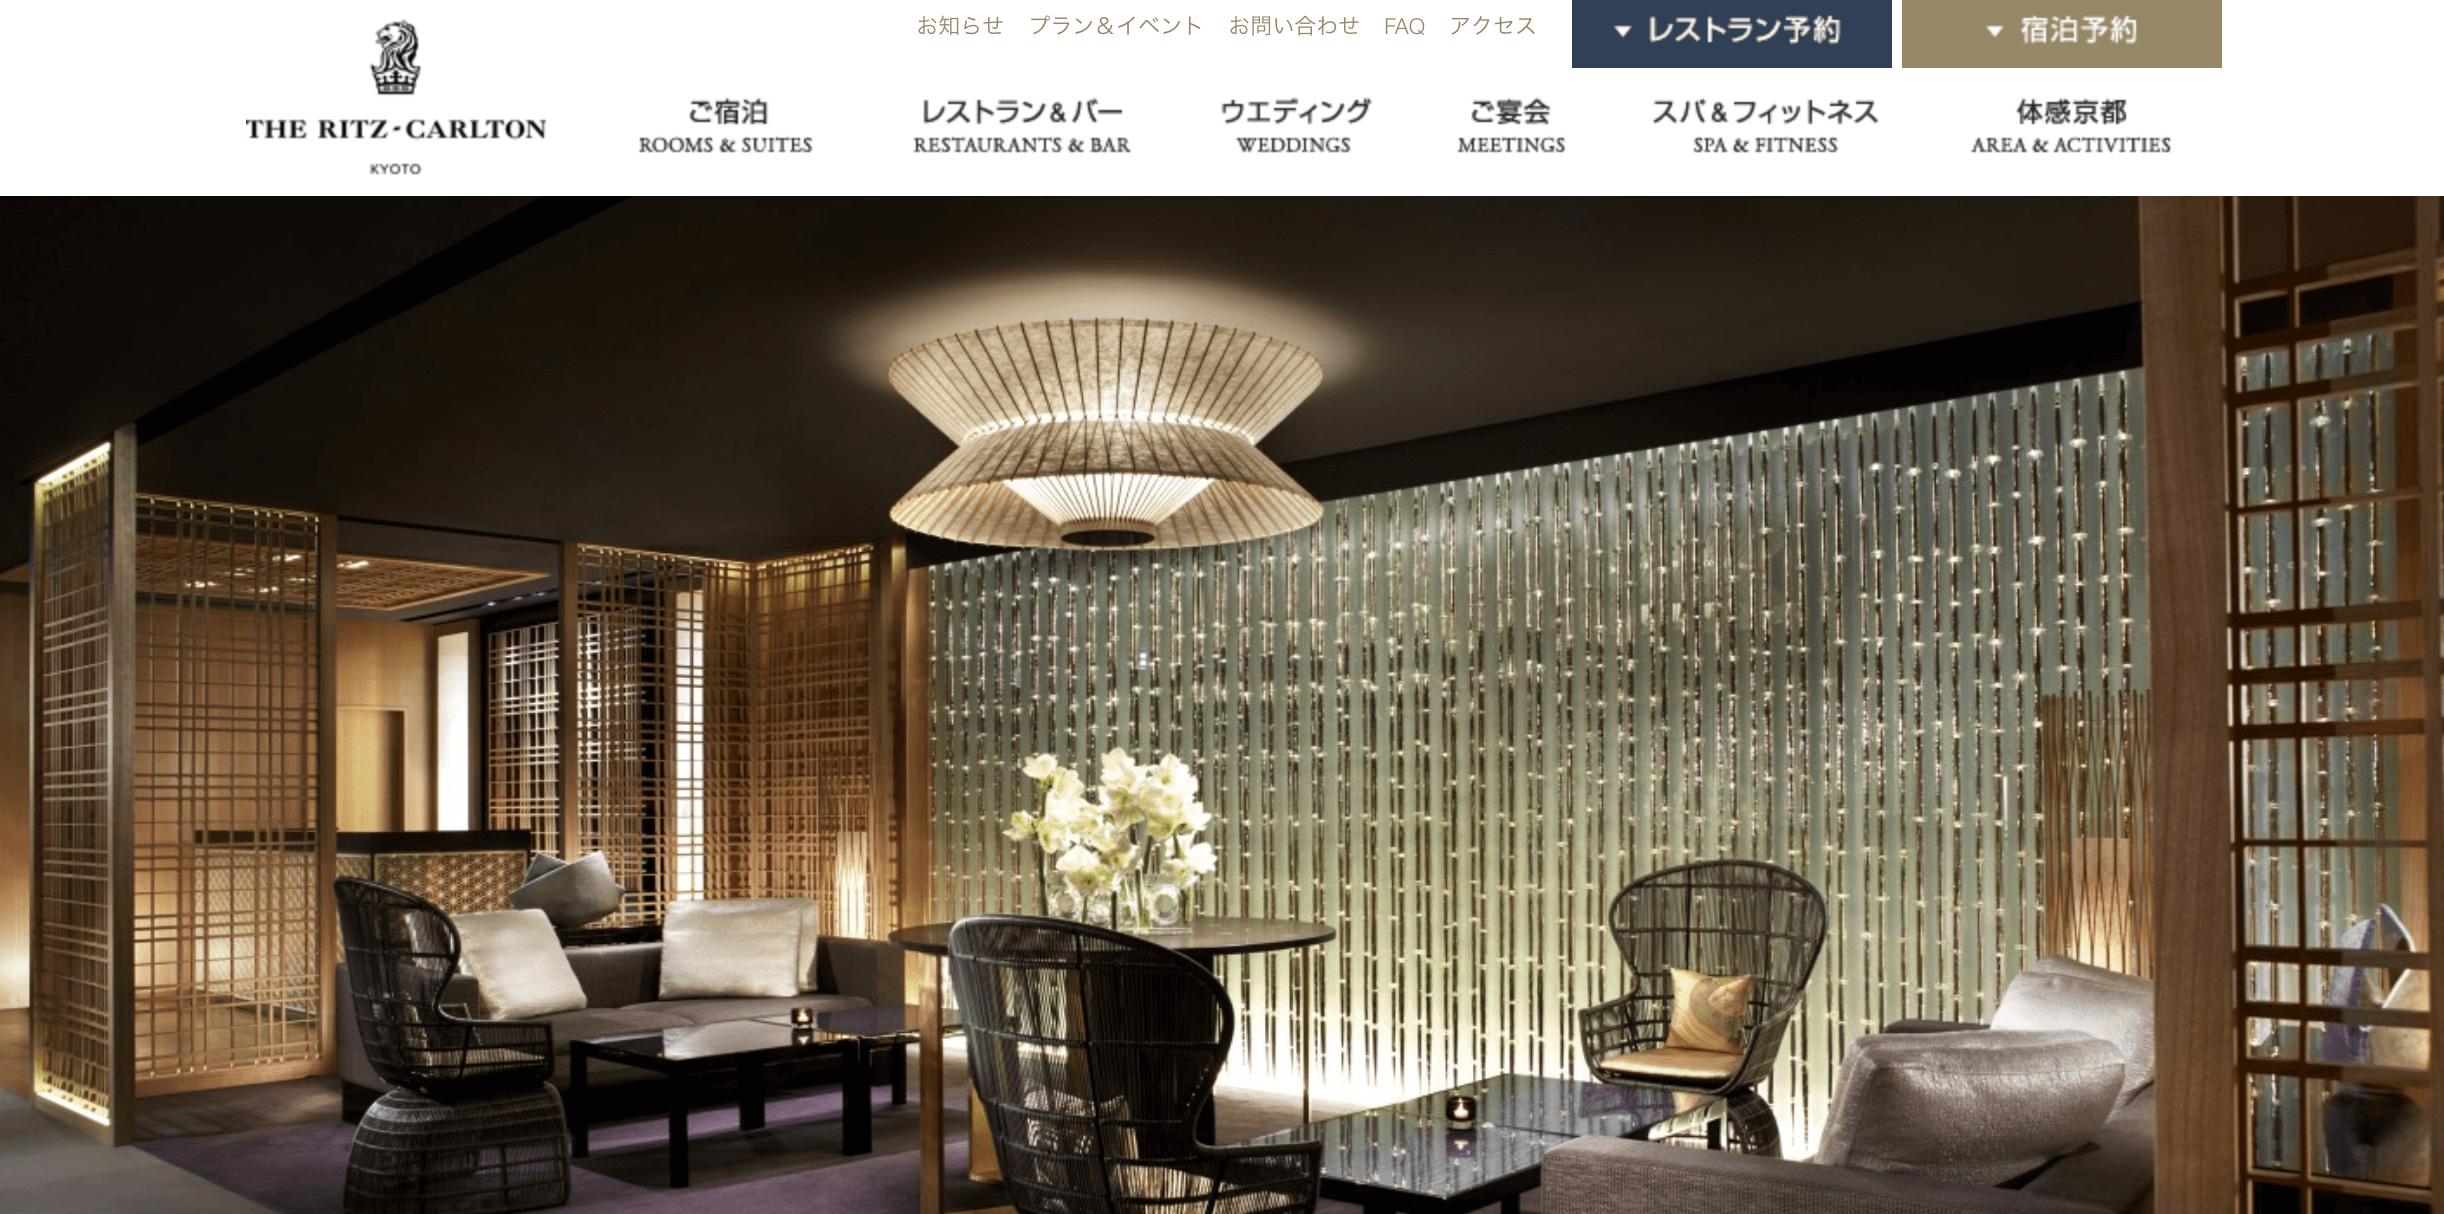 京都でパパ活におすすめなホテル「ザ・リッツ・カールトン京都」